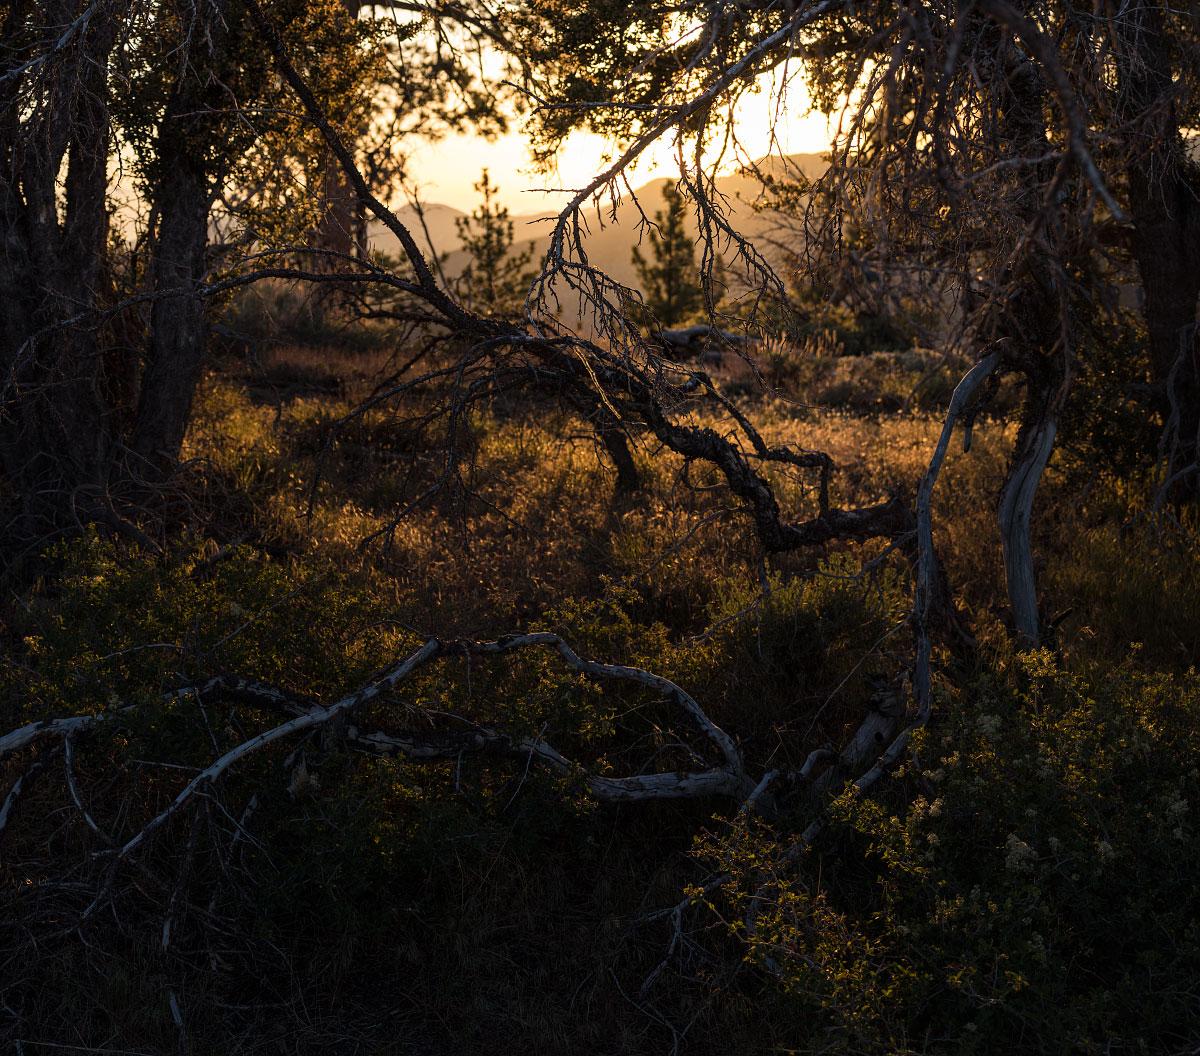 Scrub oak and setting sun, the colors of California.